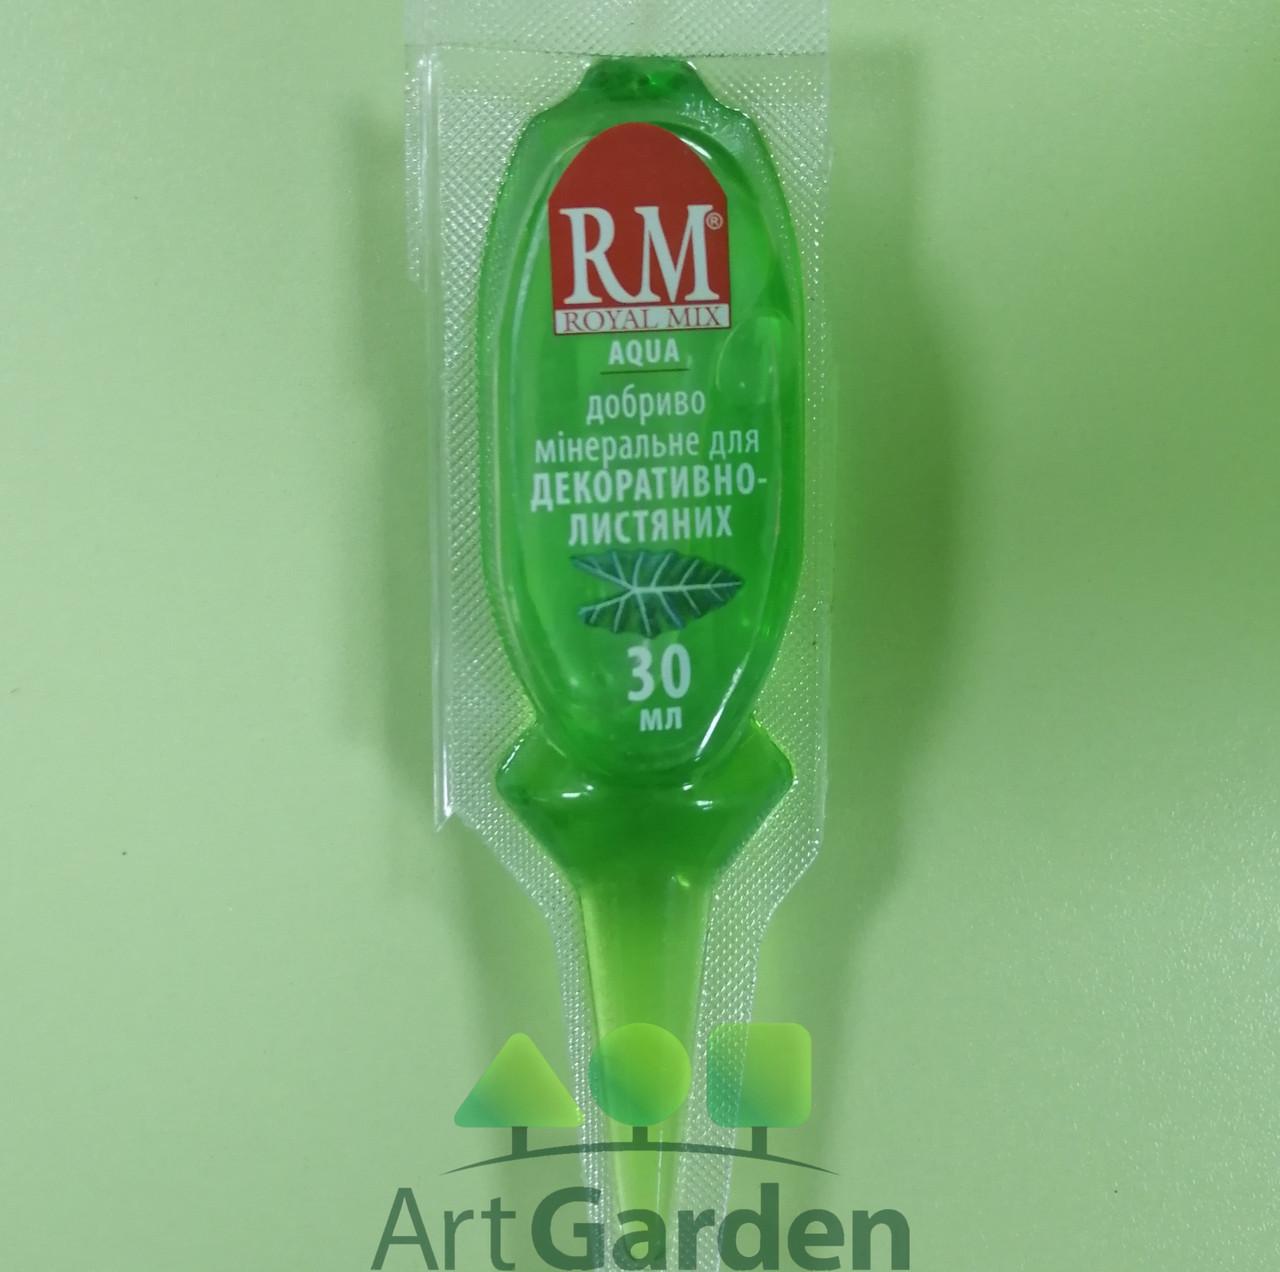 Добриво Royal Mix для декоративно-листяних аплікатор 30 мл